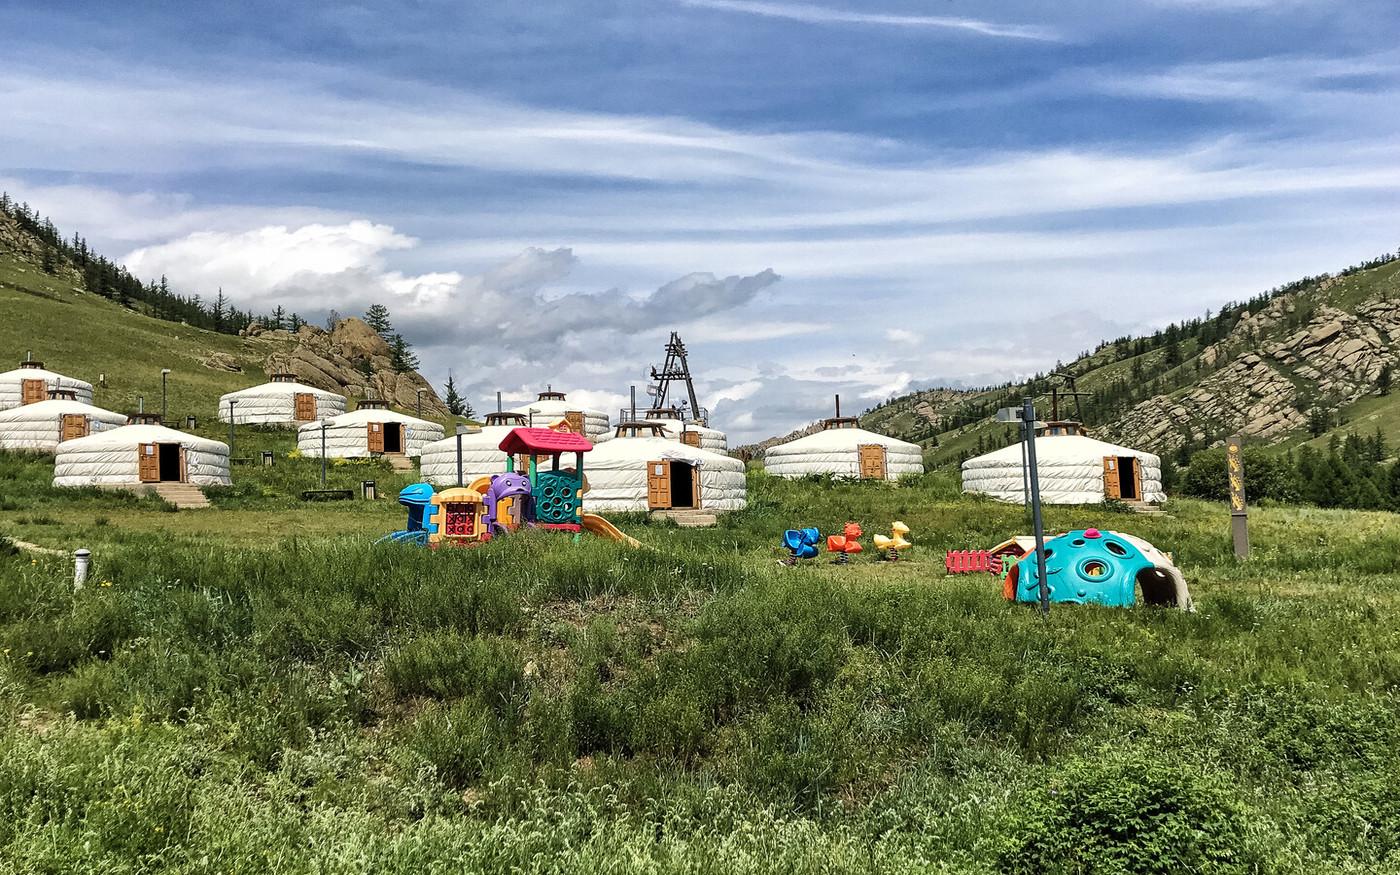 Familienfreundlicher Jurtencamp in der Mongolei